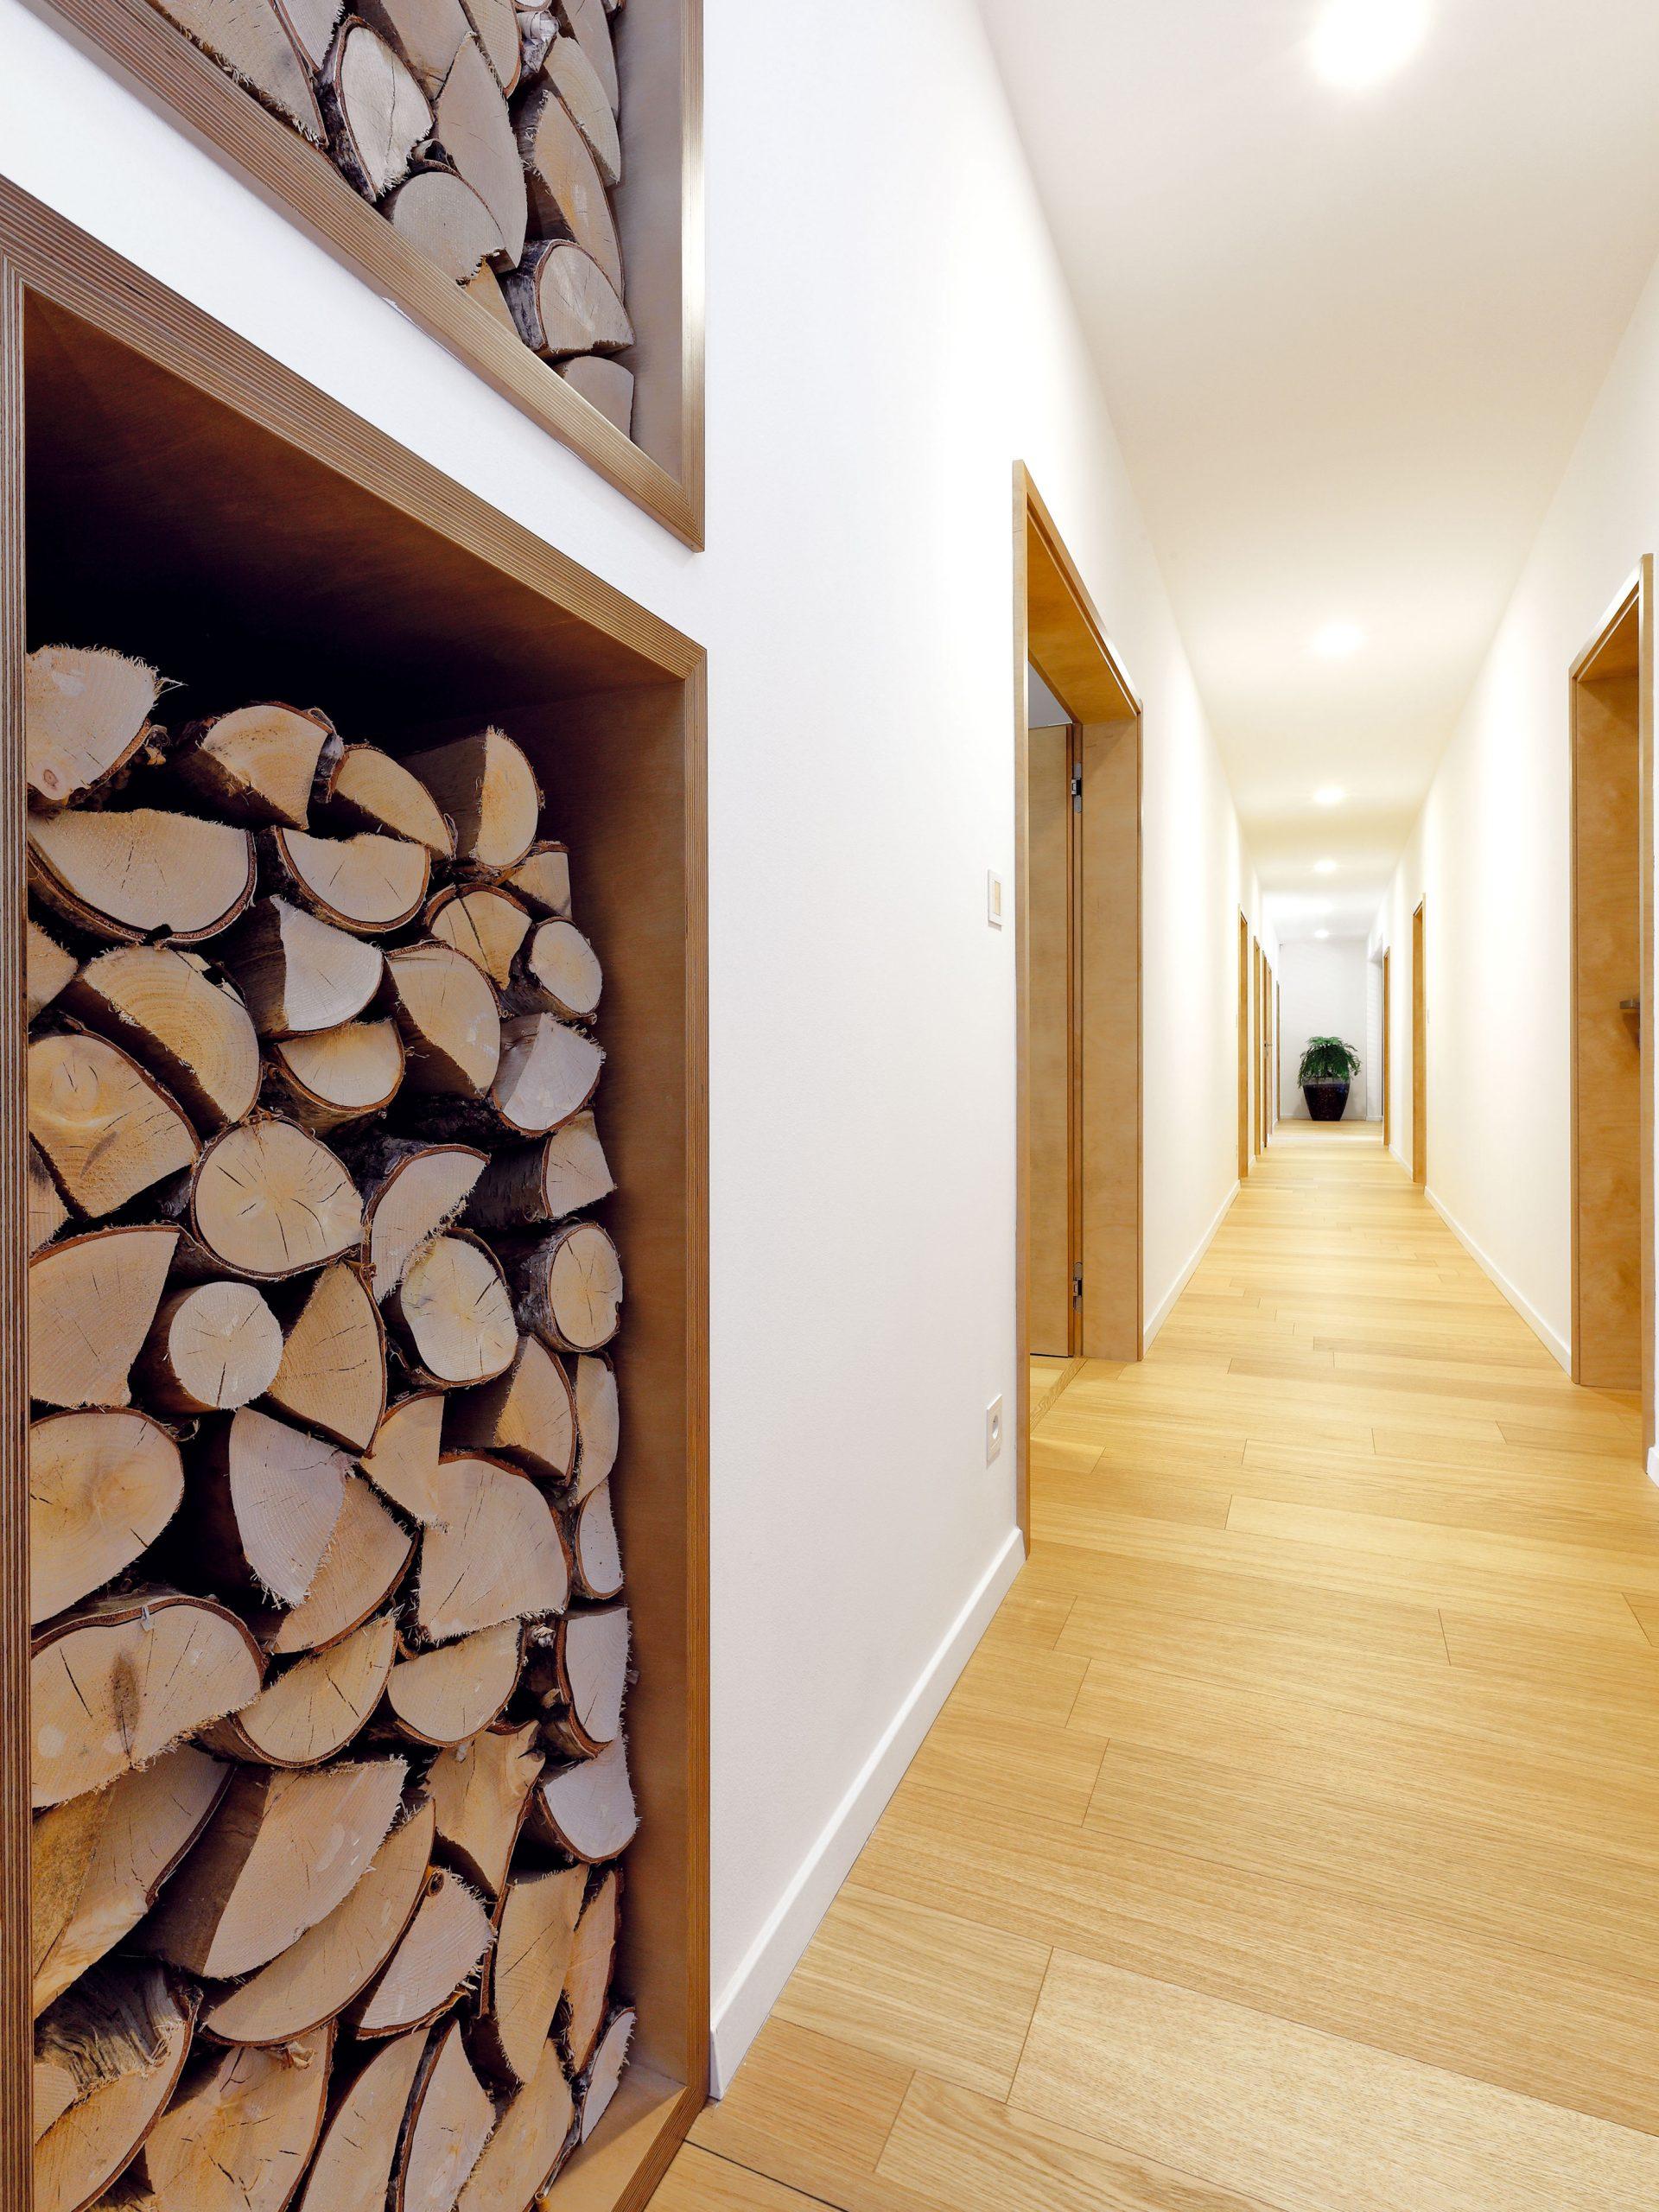 """Dlhá chodba je cenou za bungalov, vktorom sú izby radené vedľa seba tak, aby mala každá prístup na terasu. Vpláne je využiť chodbu ako galériu – domáci si už vybrali zaujímavé grafiky od slovenského výtvarníka Petra Kľúčika. """"Mám tento dlhý priestor rád ajeho využitie na galériu je ideálne,"""" hovorí architekt. """"Príjemné je aj veľké okno na konci, ktoré sem prináša svetlo aotvára výhľad na provensálsky kútik vzáhrade."""""""